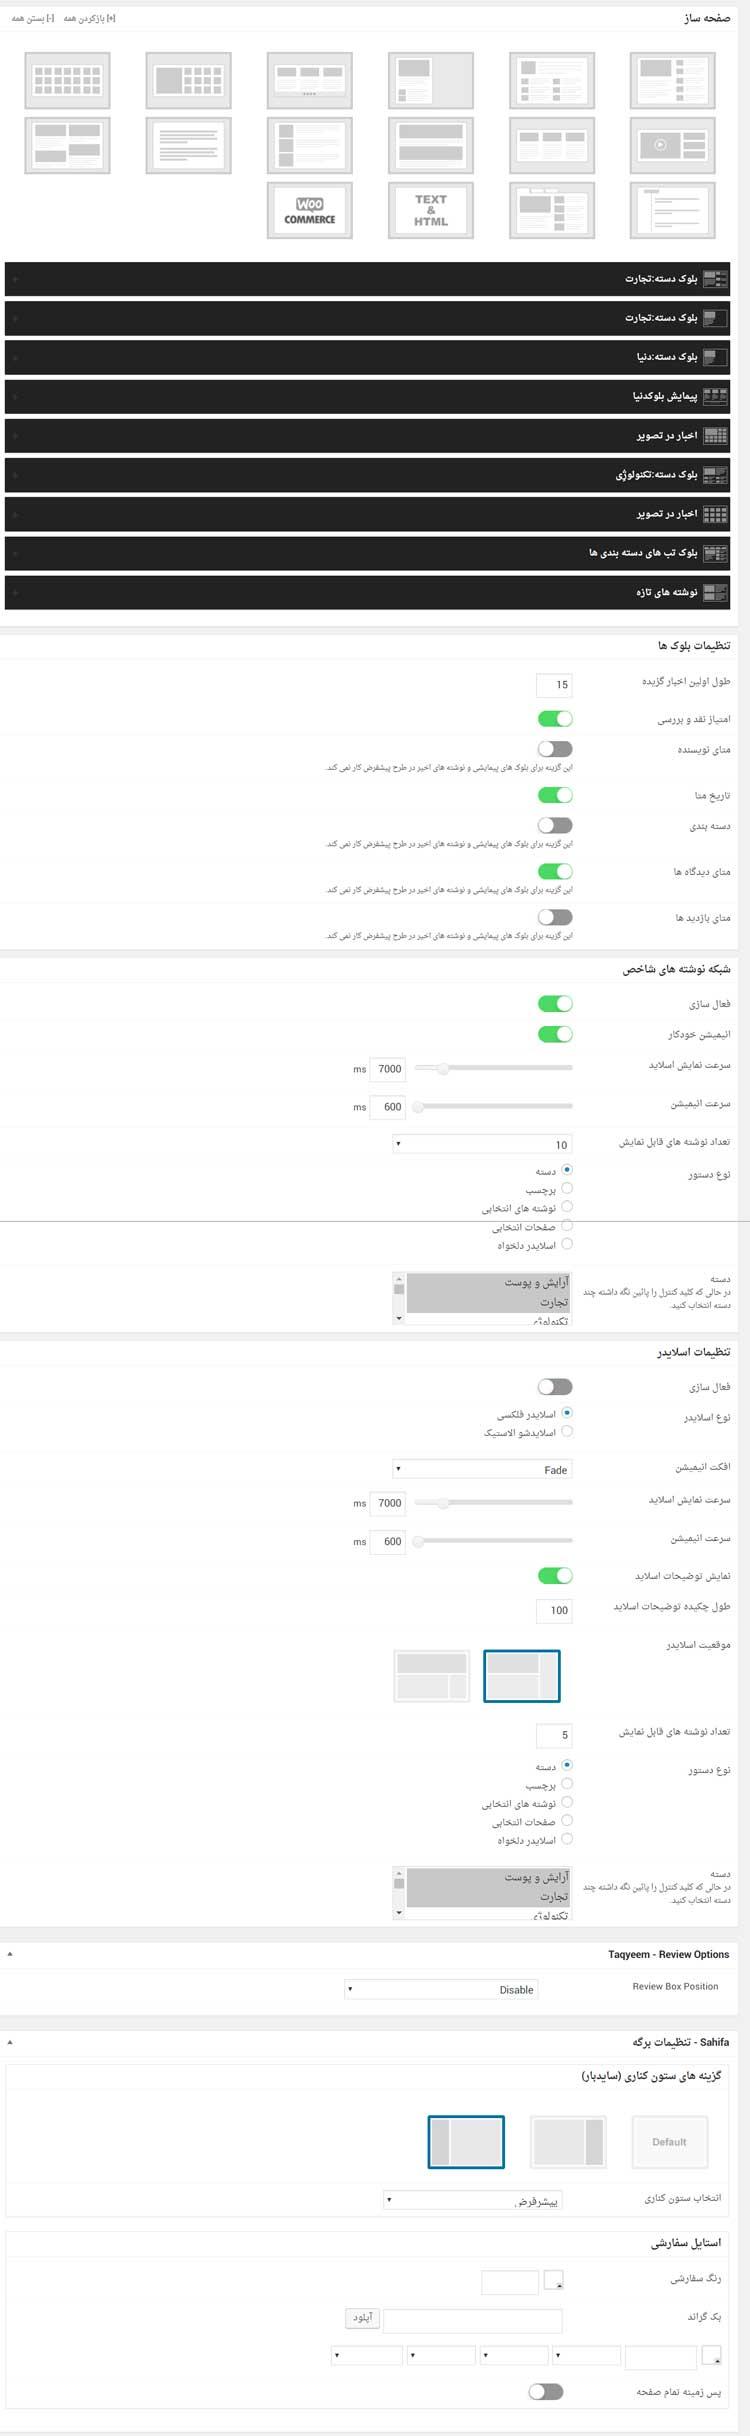 صفحه ساز قالب sahifa